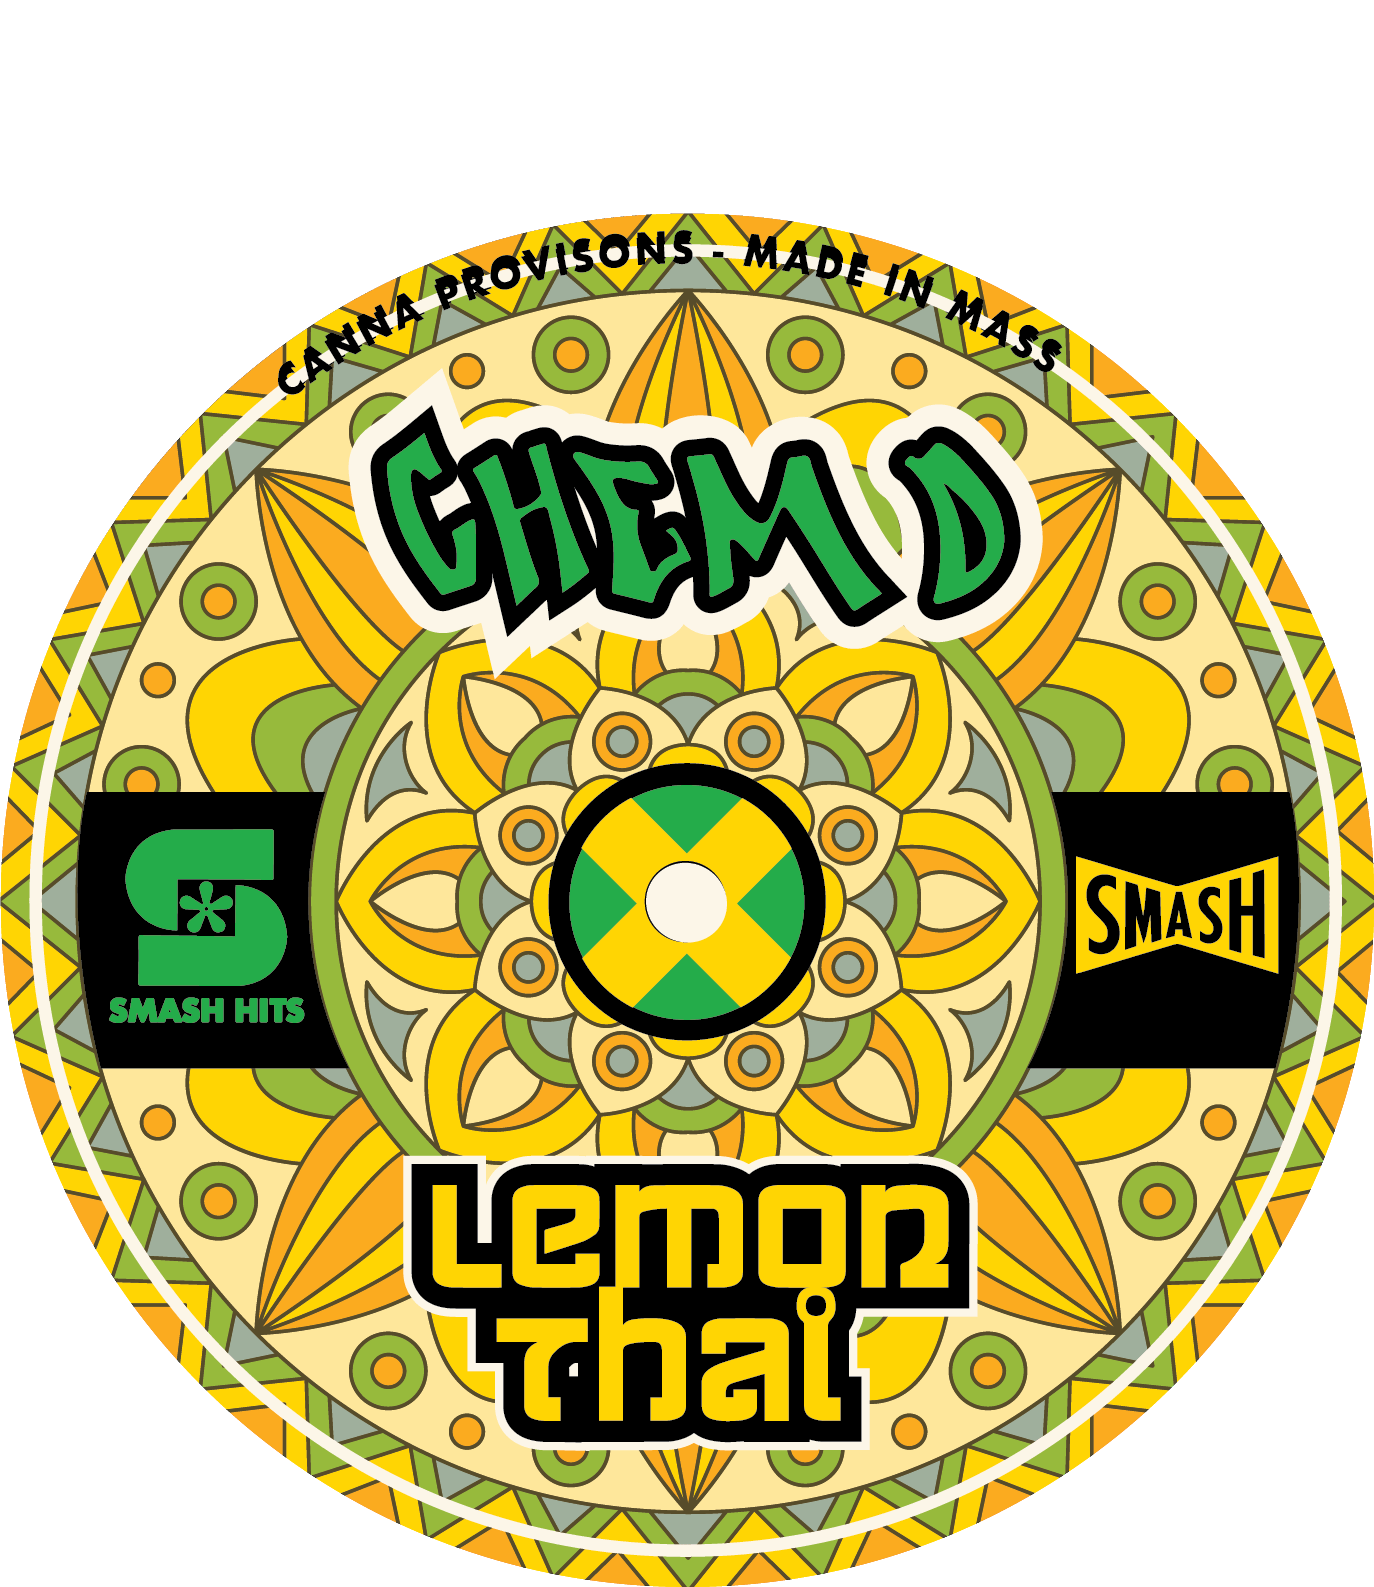 chem d lemon thai smash hits chemdog canna provisions cannabis flower